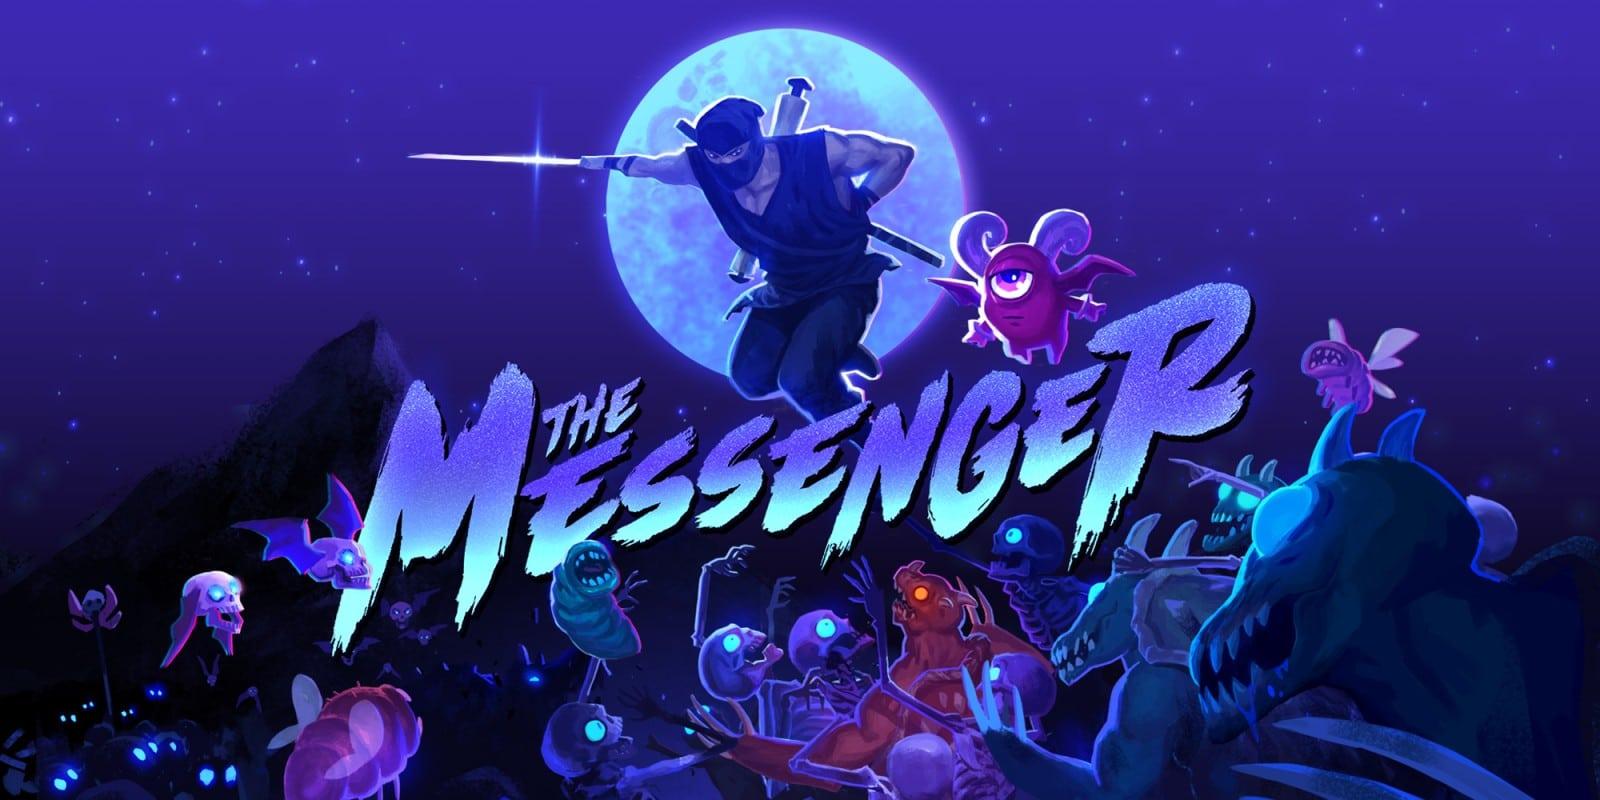 Requisitos para instalar The messenger